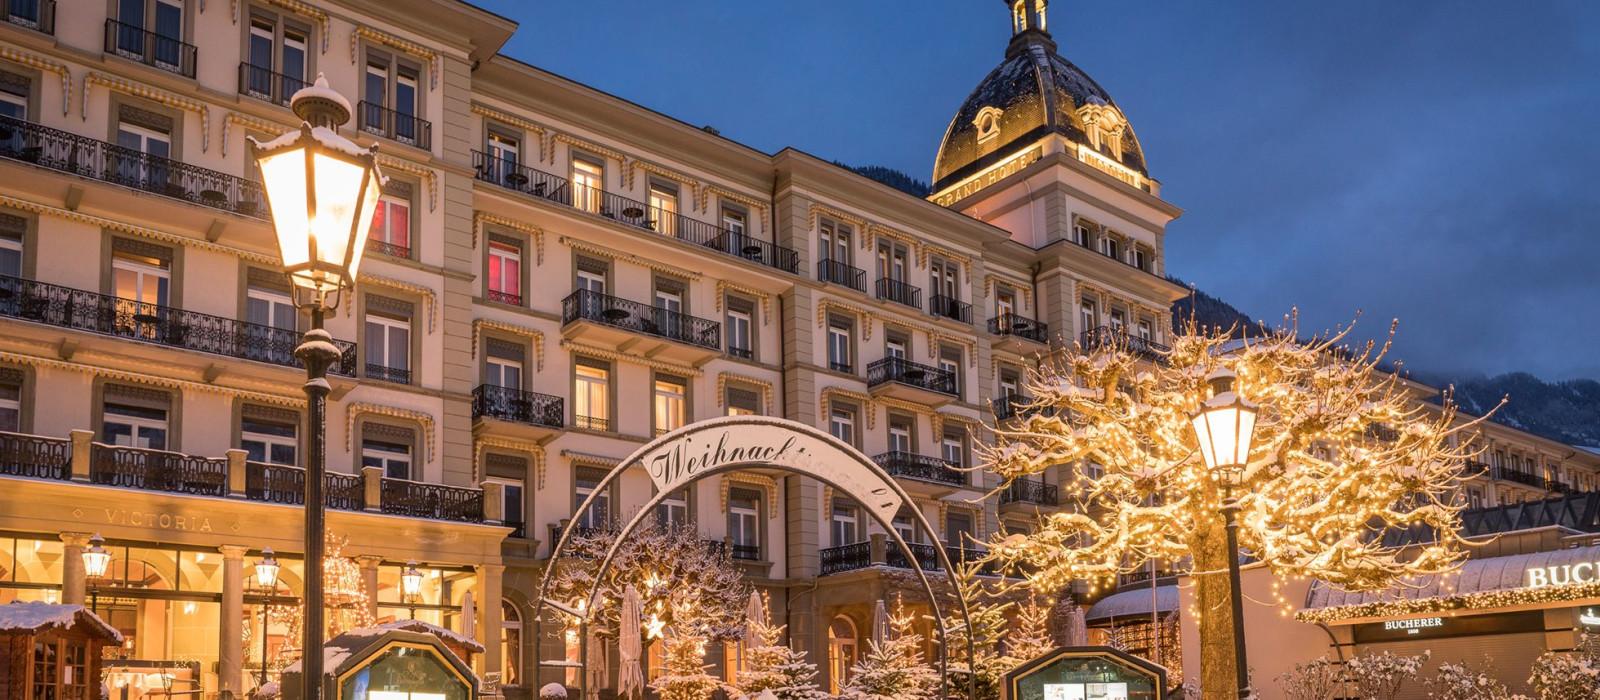 Hotel Victoria-Jungfrau Grand  & SPA %region%